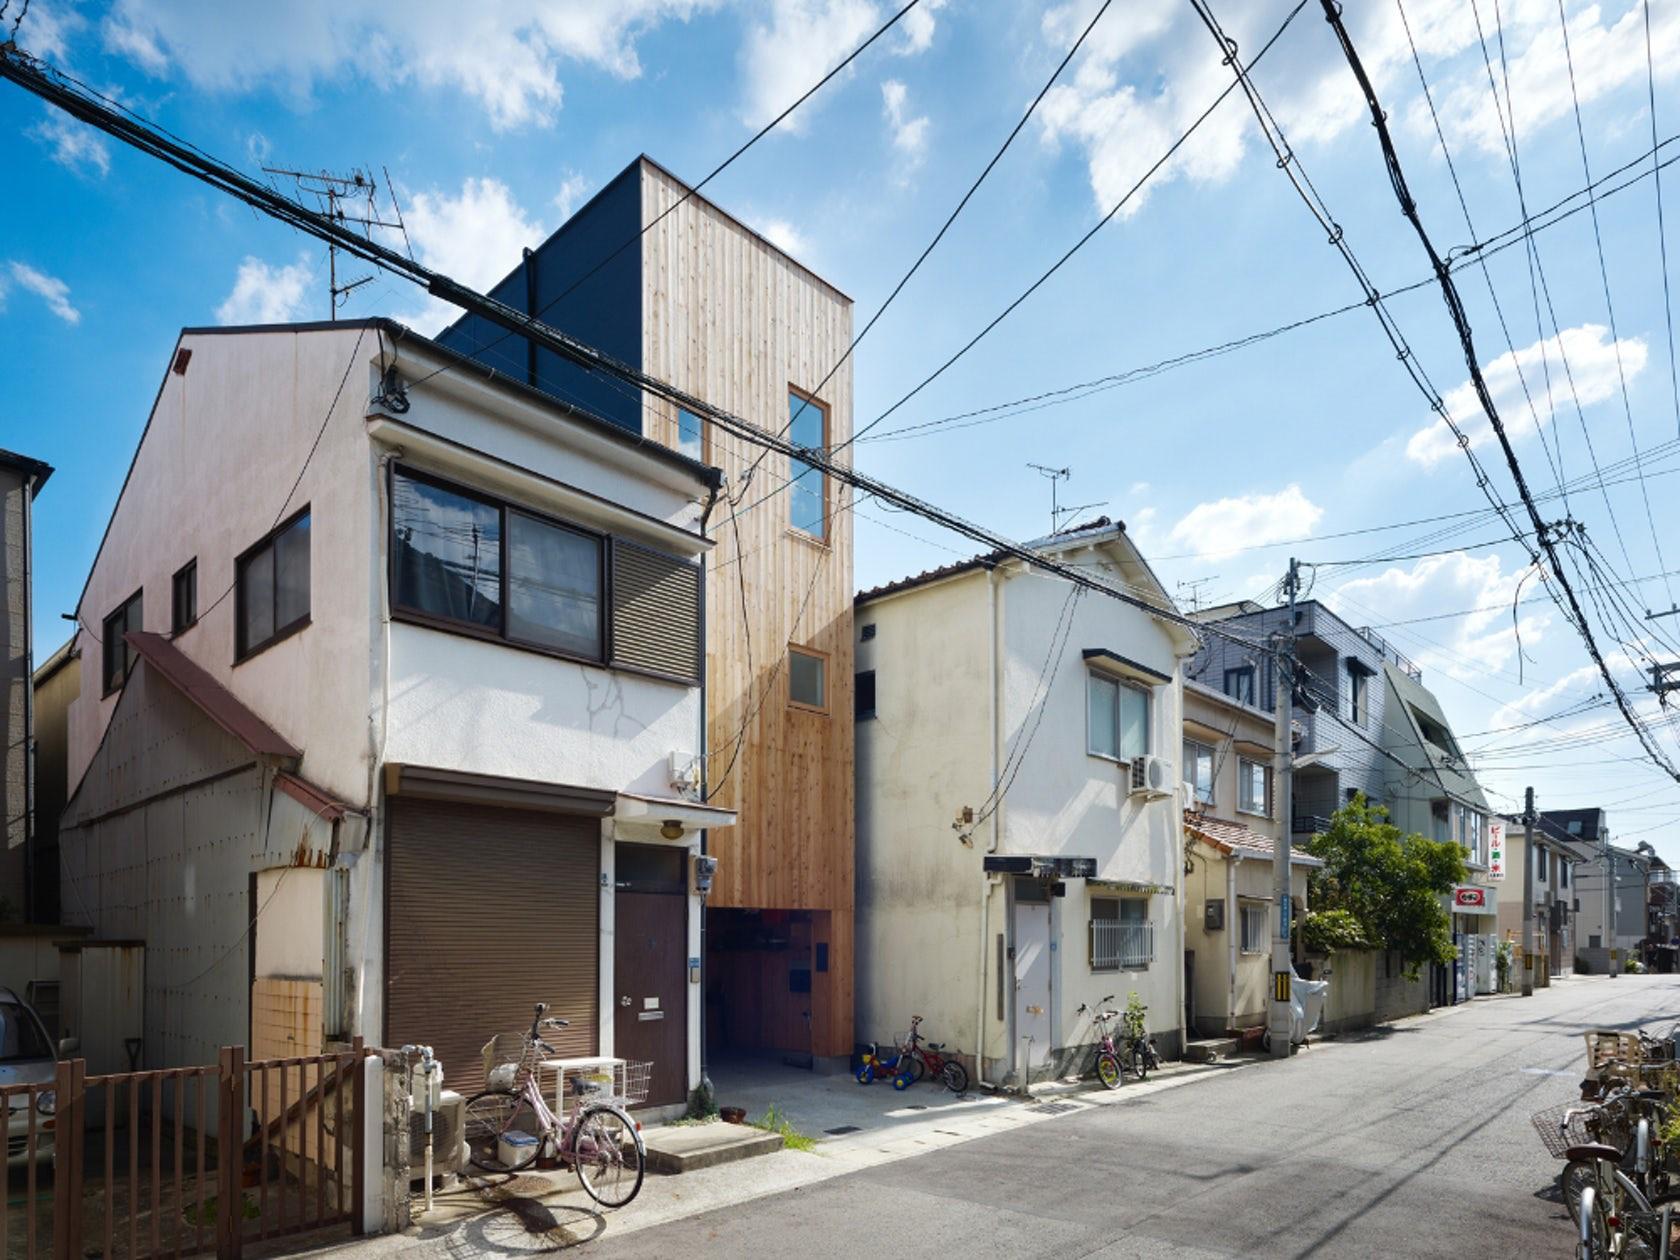 Ngôi nhà tí hon với mặt tiền hẹp 2,5m ở Nhật, sâu hun hút nhưng gây bất ngờ nhờ sở hữu thiết kế quá thông minh - Ảnh 1.